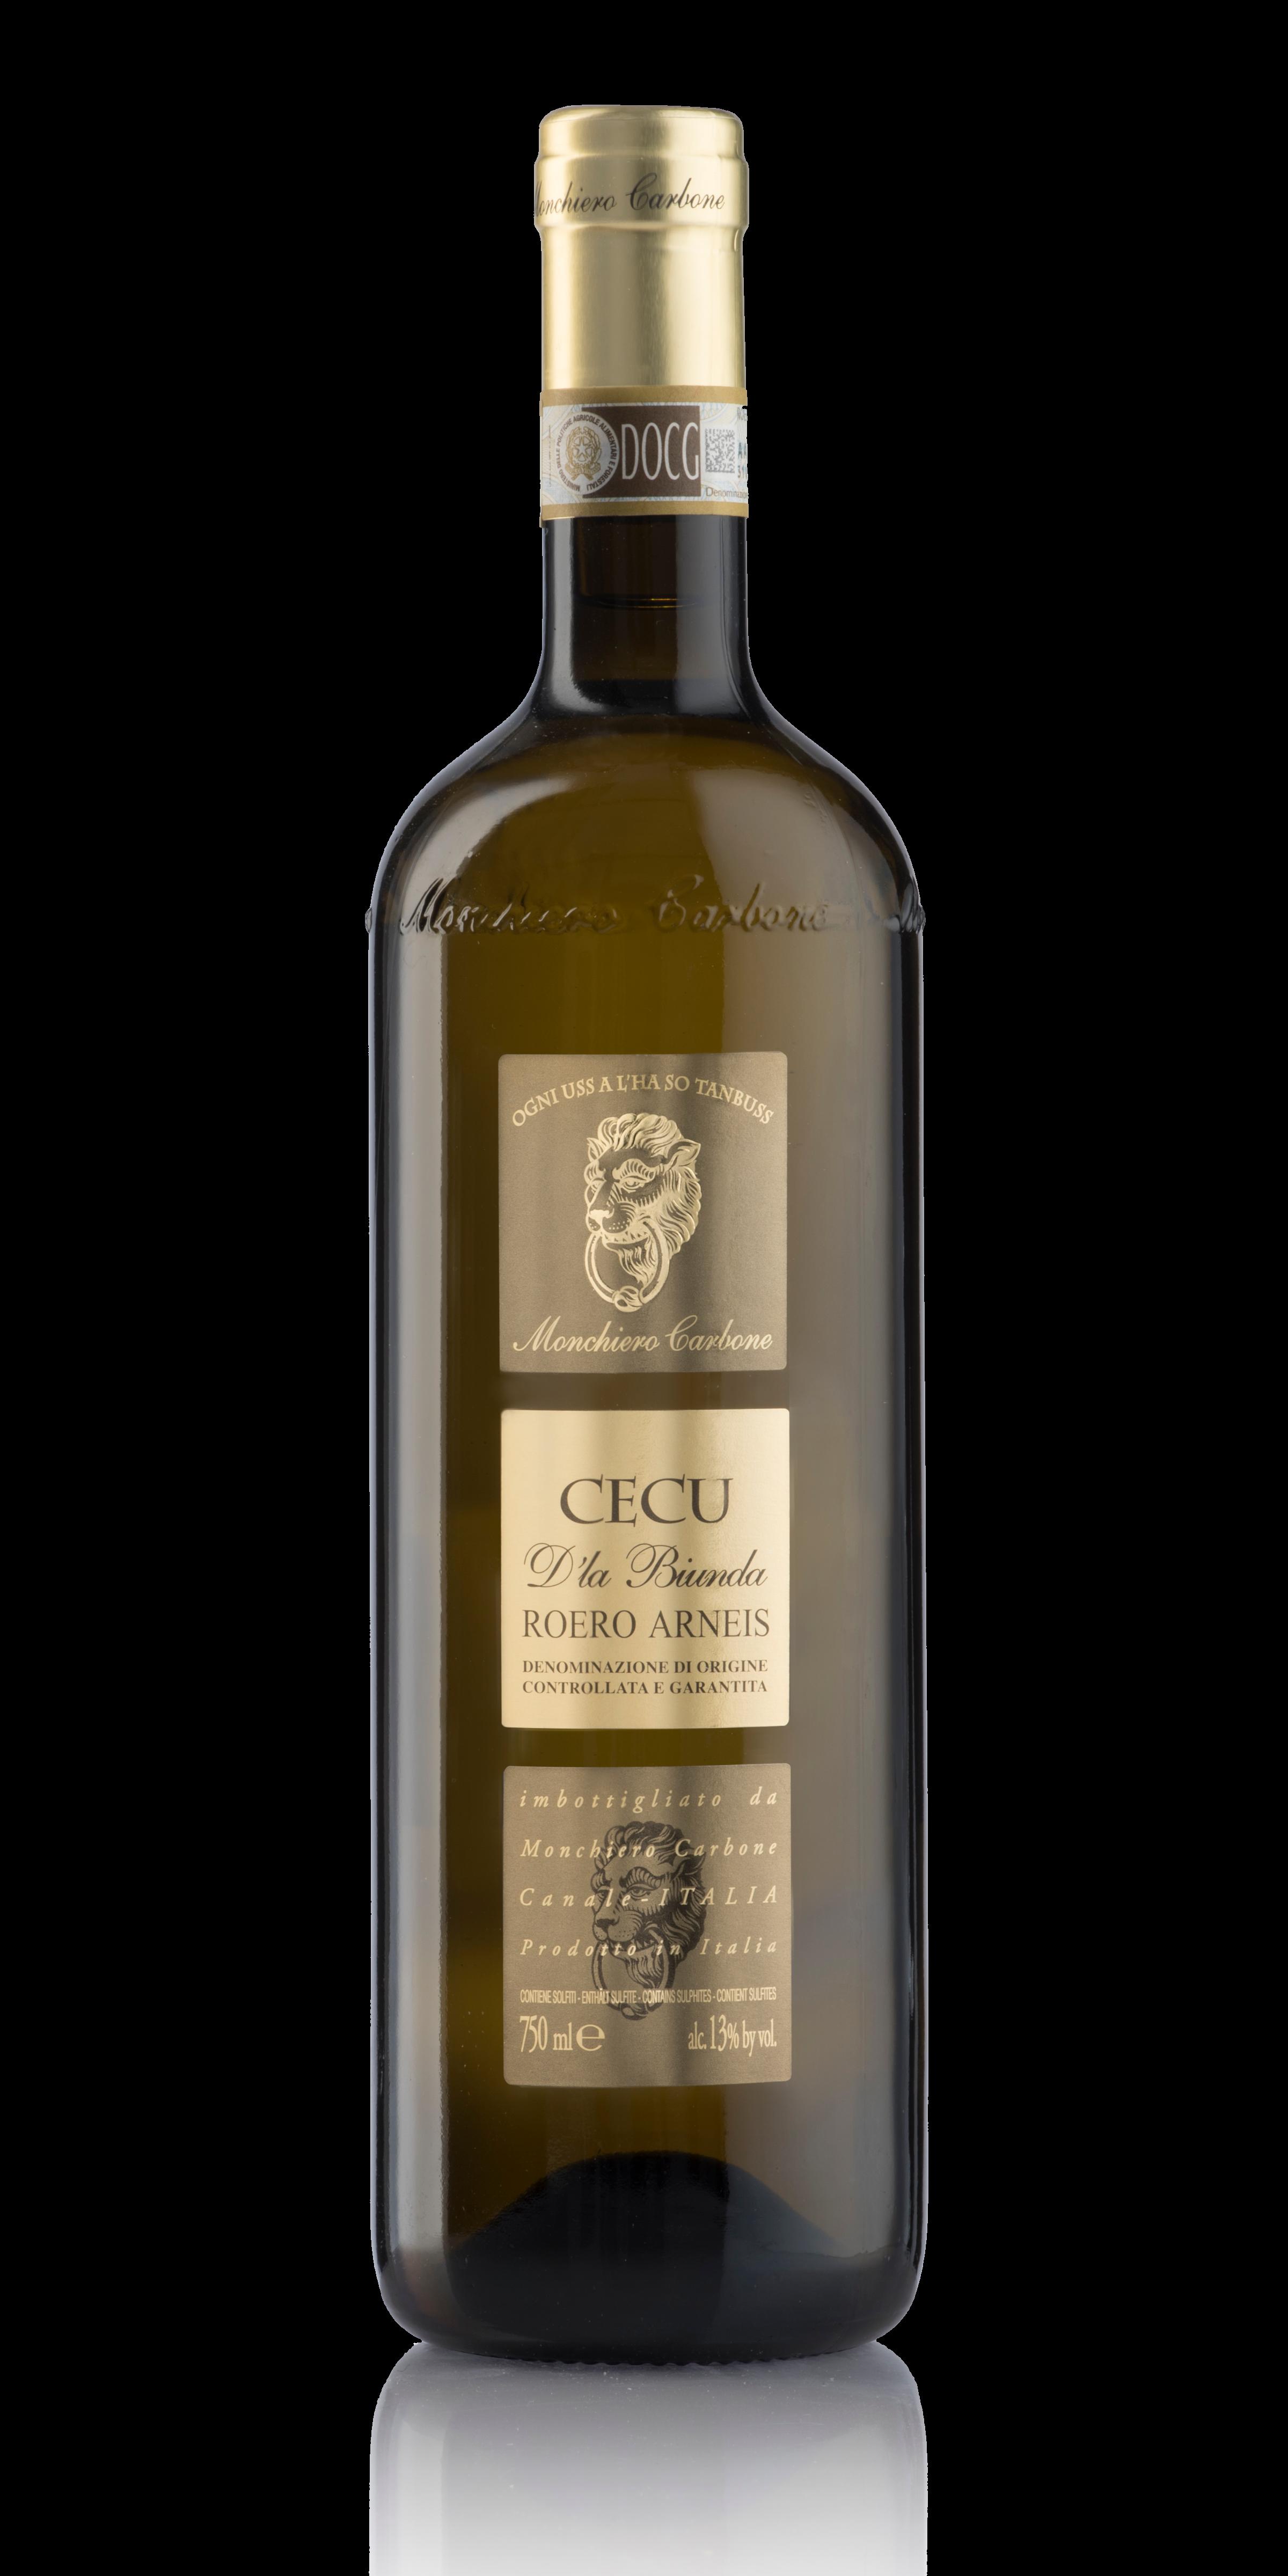 Cecu Roero Arneis bottle